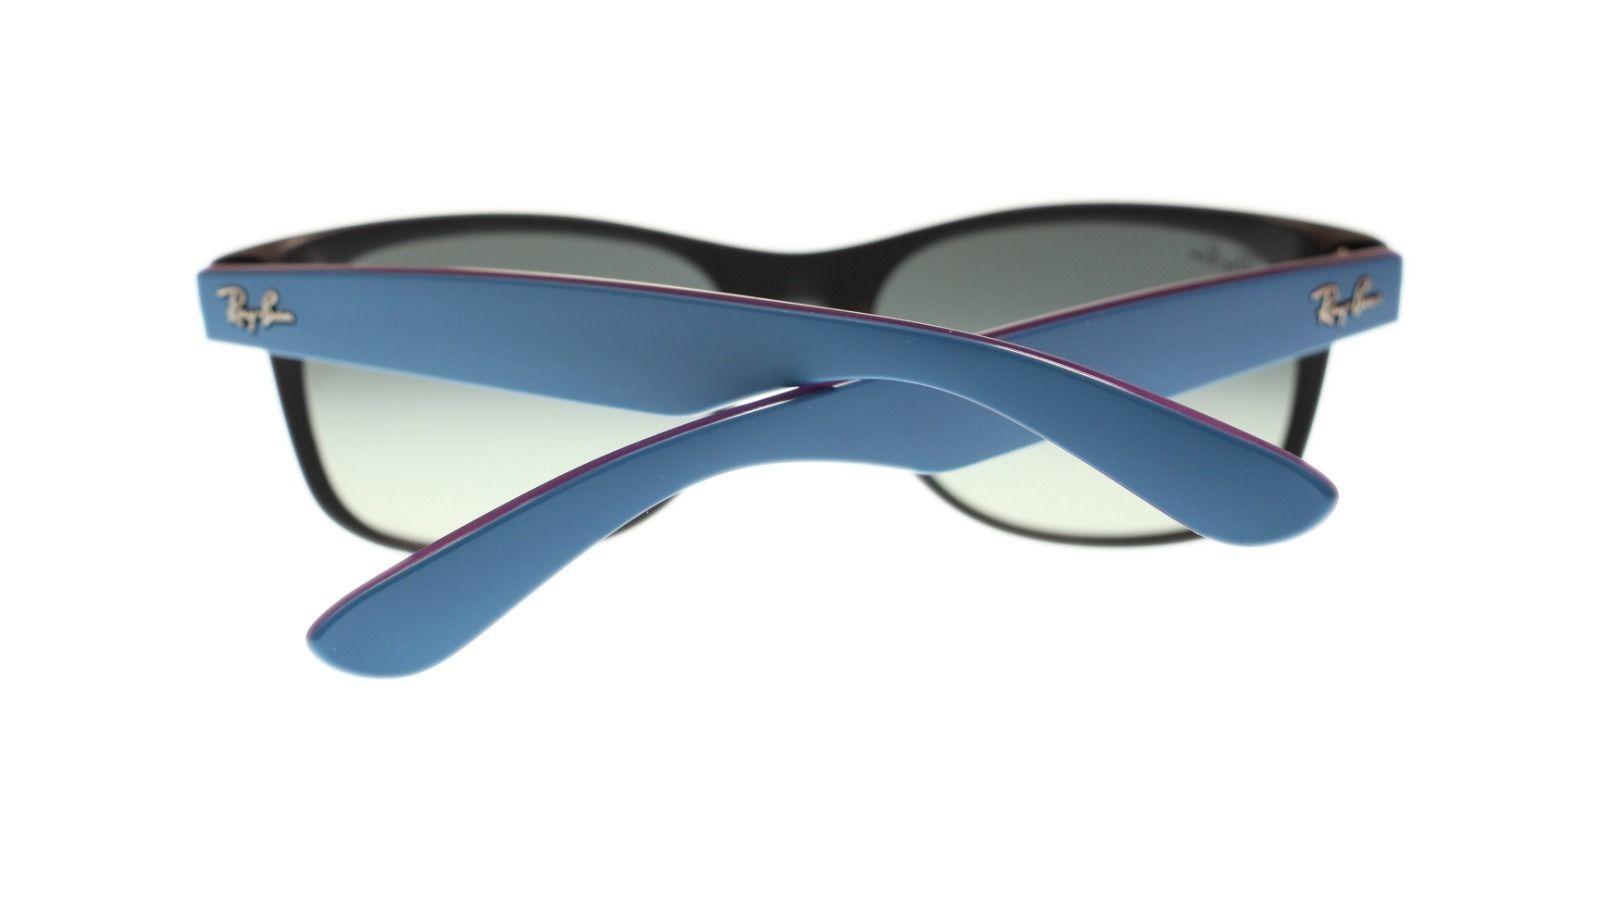 8681f18e31 Ray Ban Mens Rb3483 Square Sunglasses « Heritage Malta